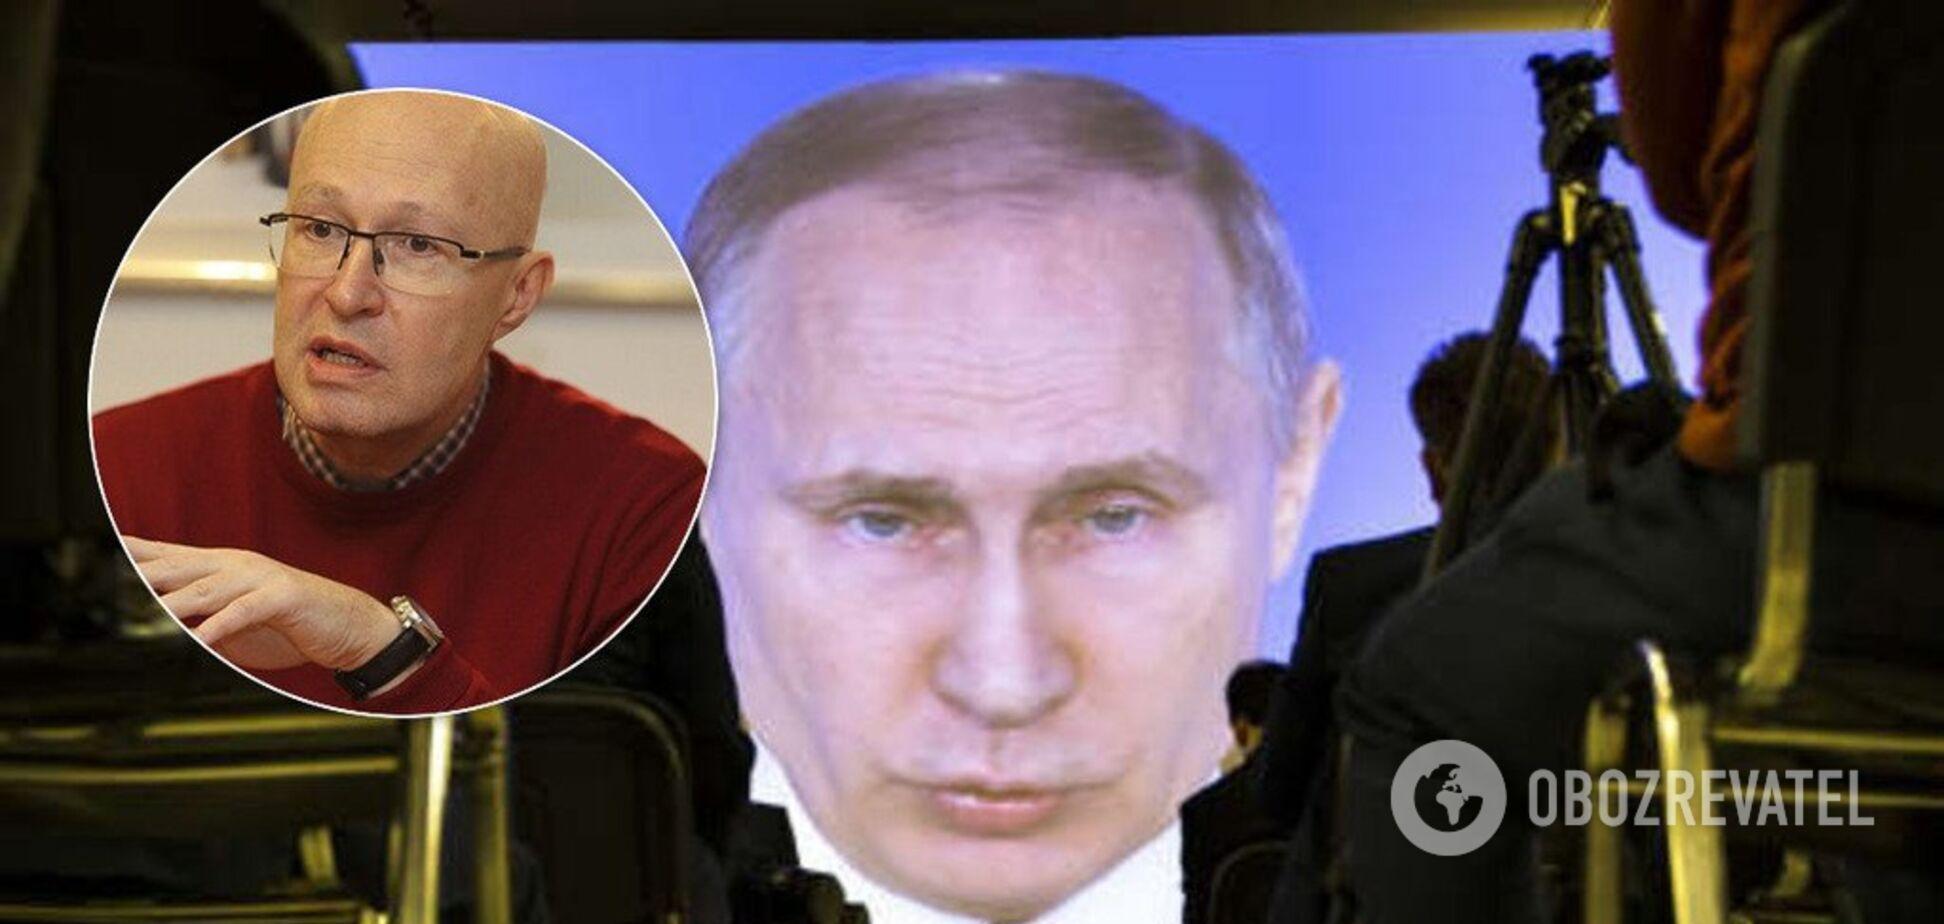 Путін піде у 2022 році. В Росії розпочнеться криза – Соловей